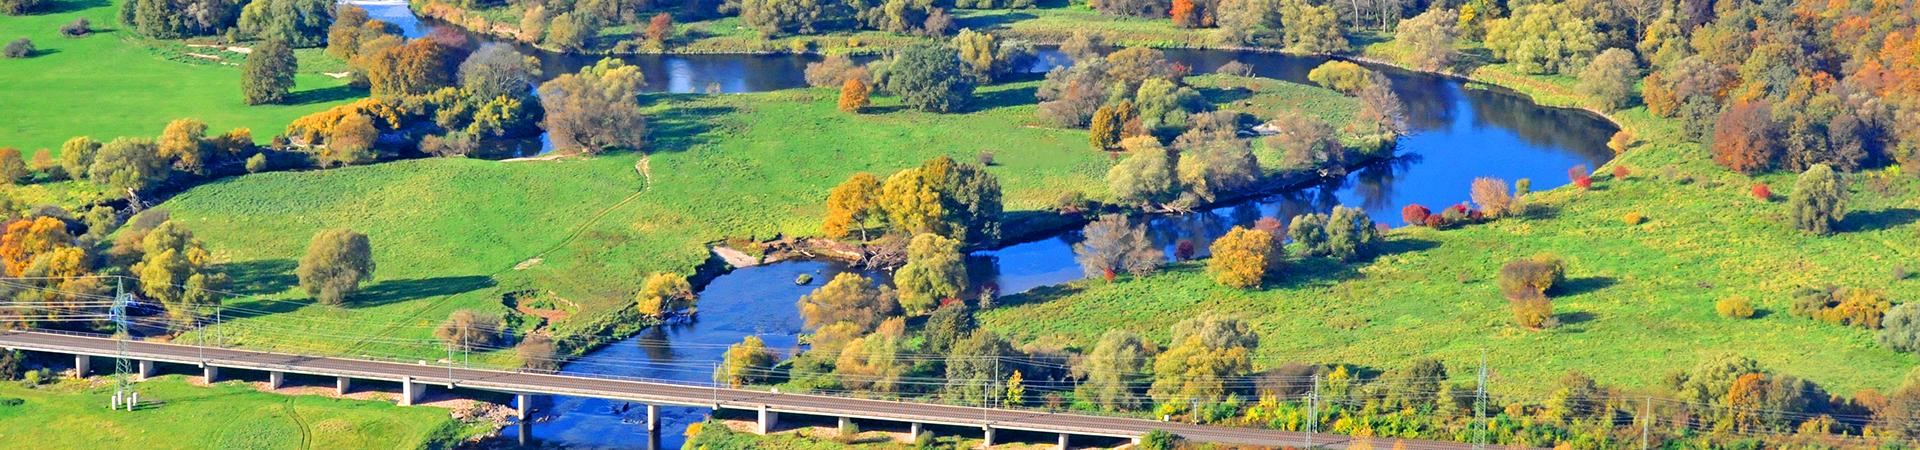 Die Mulde in ihrem Verlauf zwischen Friedersdorf / Muldestausee und Muldenstein (rechts im Hintergrund das Solarfeld auf de Gelände der ehemaligen Rohrfabrik Muldenstein), im Vordergrund die Bahnbrücke. Luftbild vom 24.10.2013